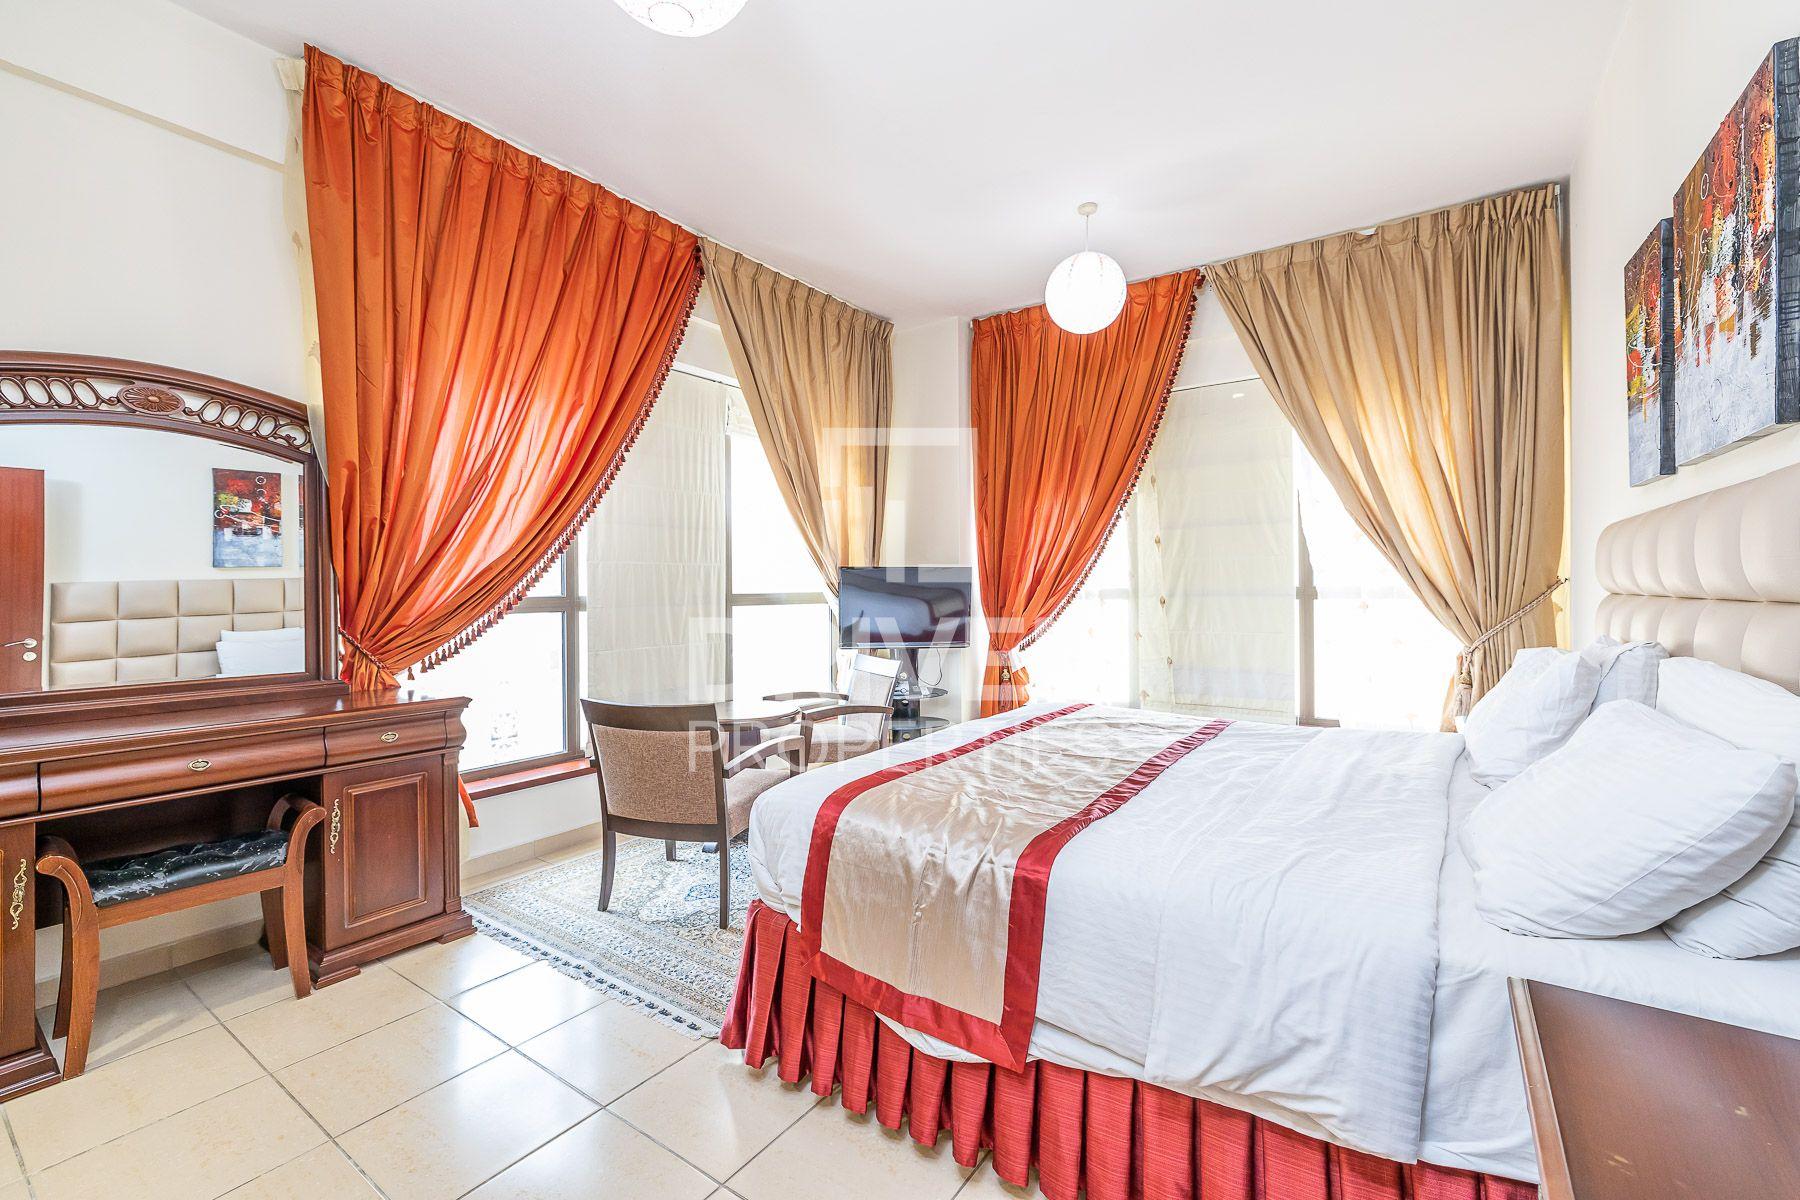 للايجار - شقة - شمس 2 - مساكن شاطئ الجميرا